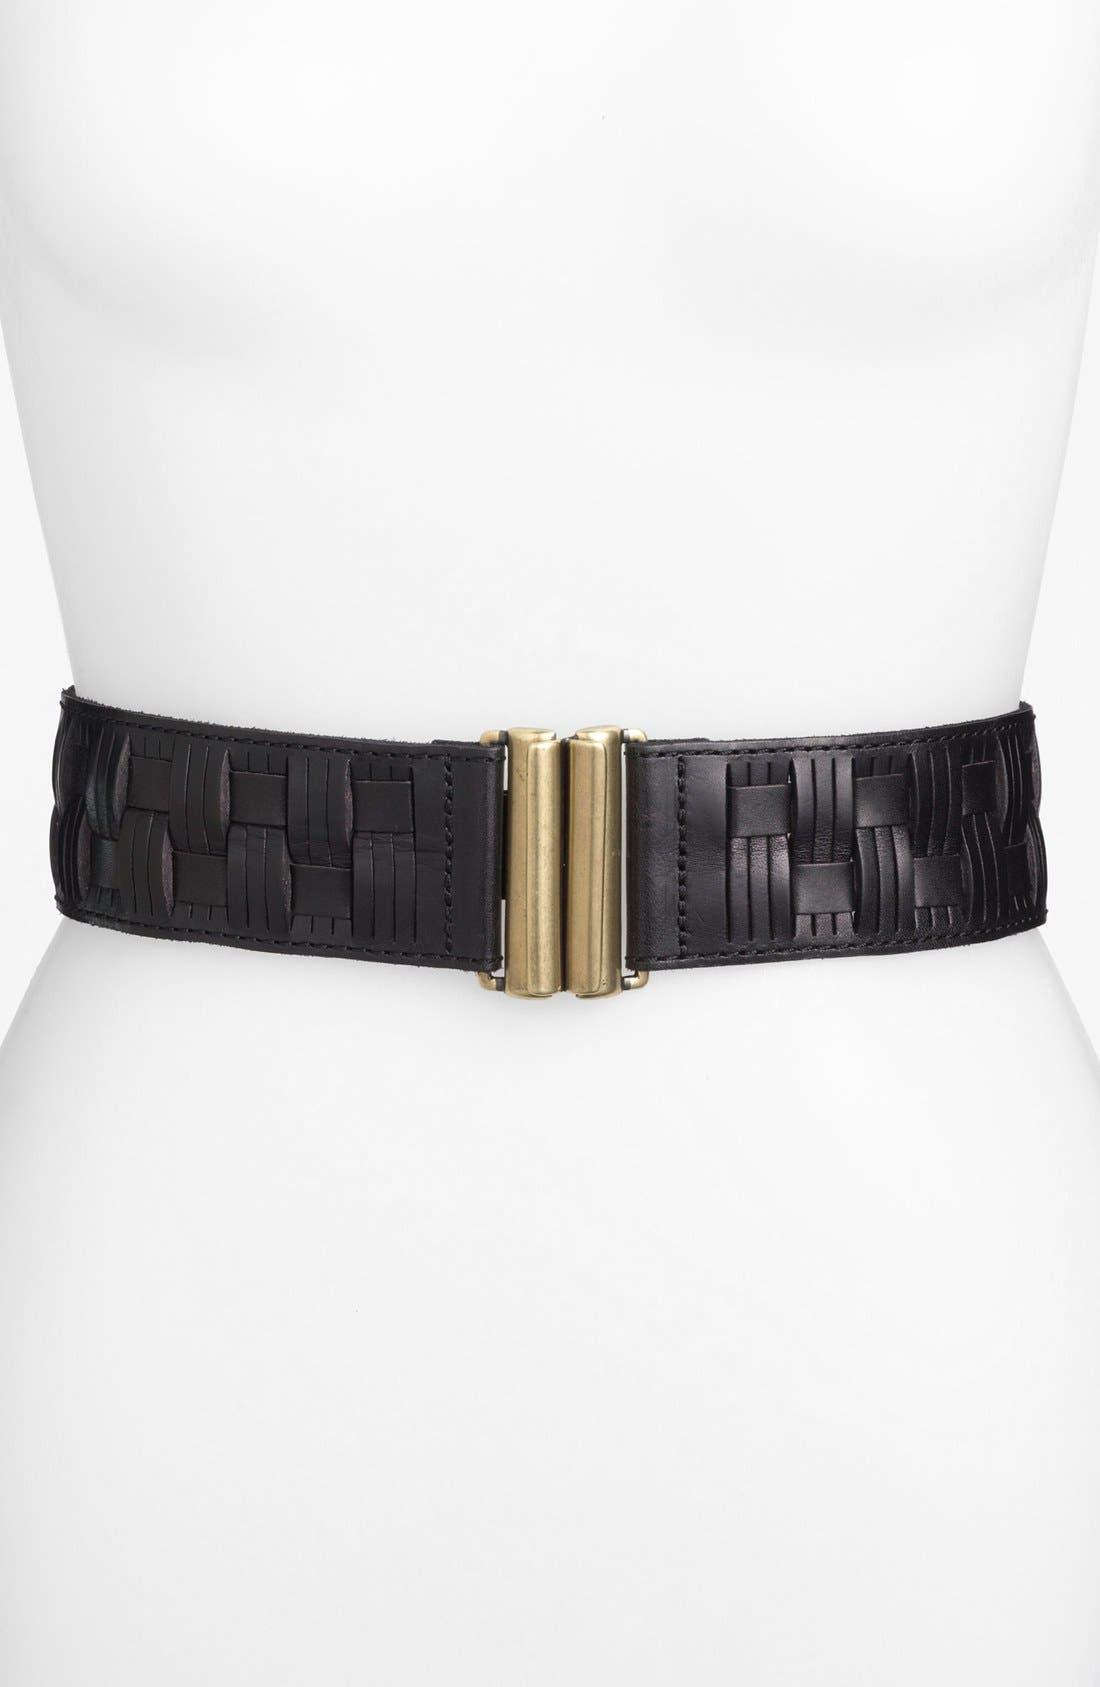 Alternate Image 1 Selected - Fossil Basket Weave Stretch Belt